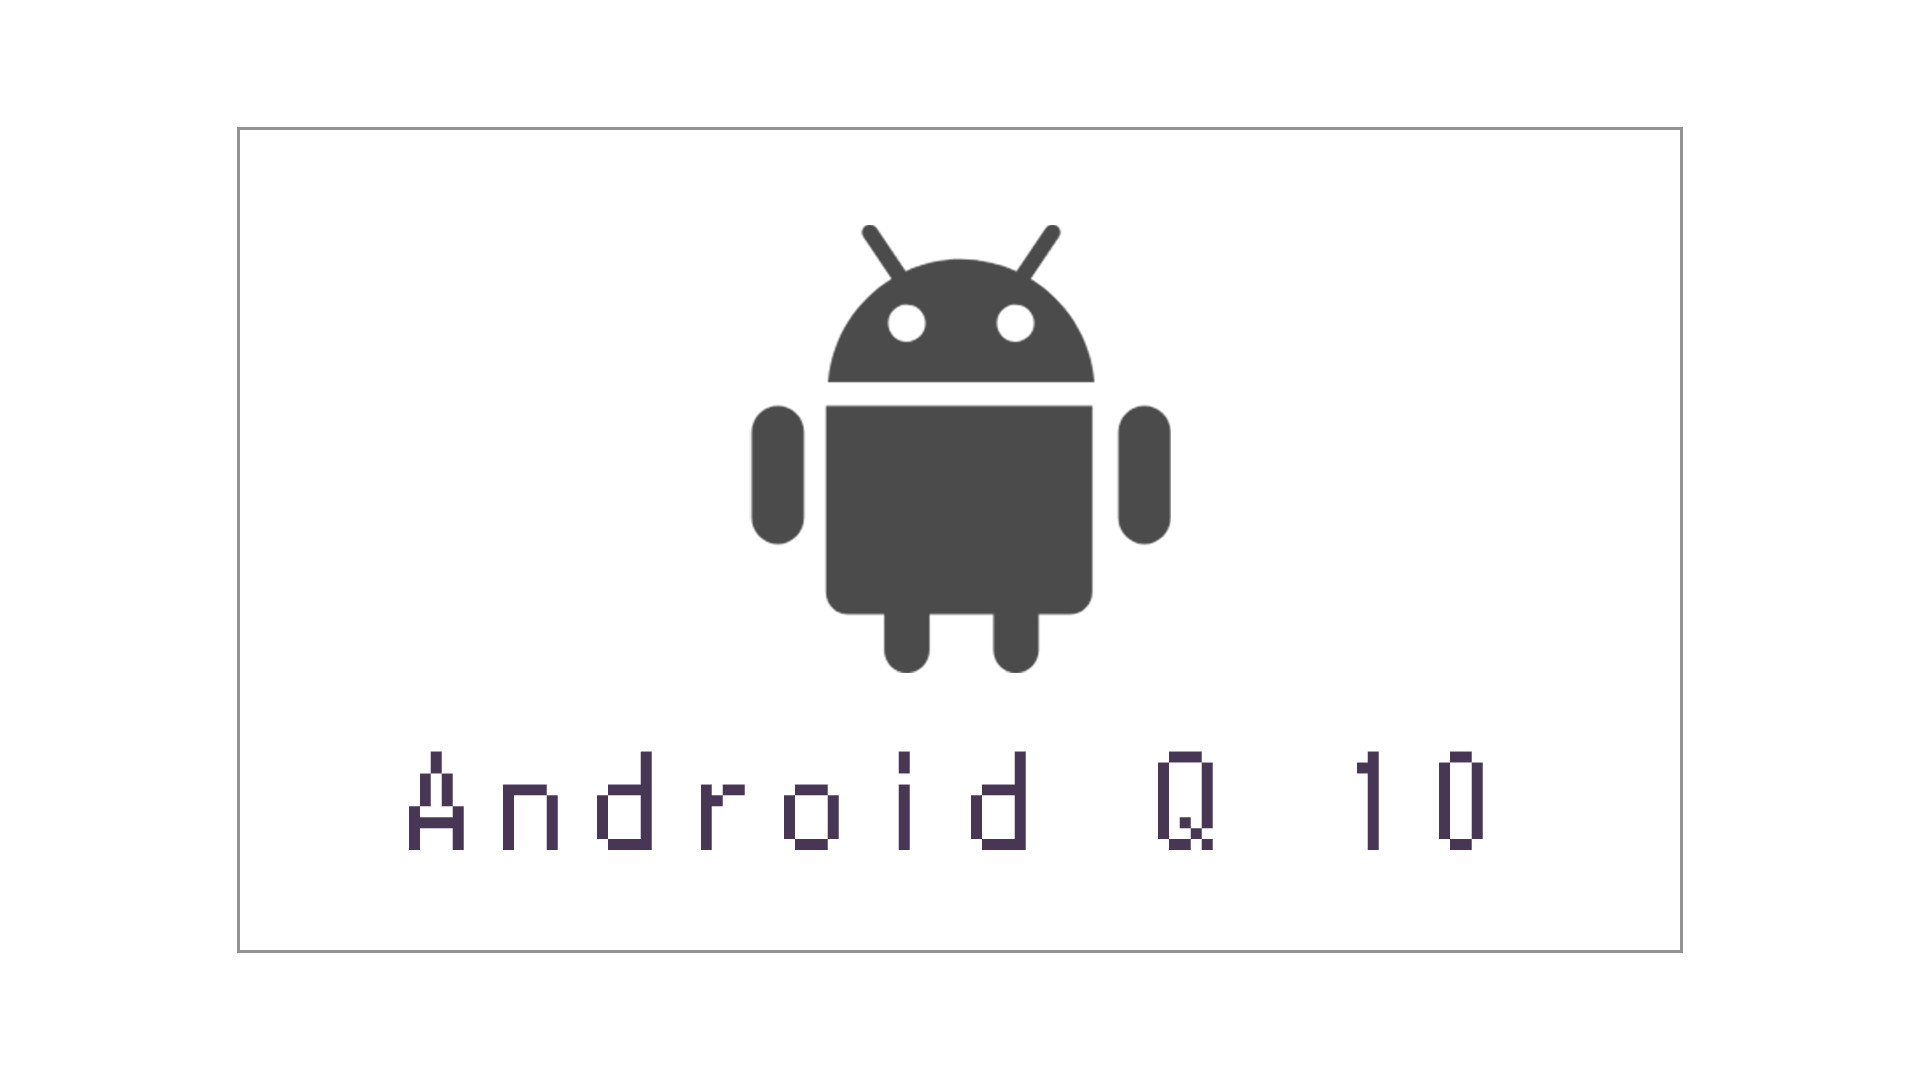 【まとめ】Android Q 10の新機能、特徴、レビュー、変更点、不具合